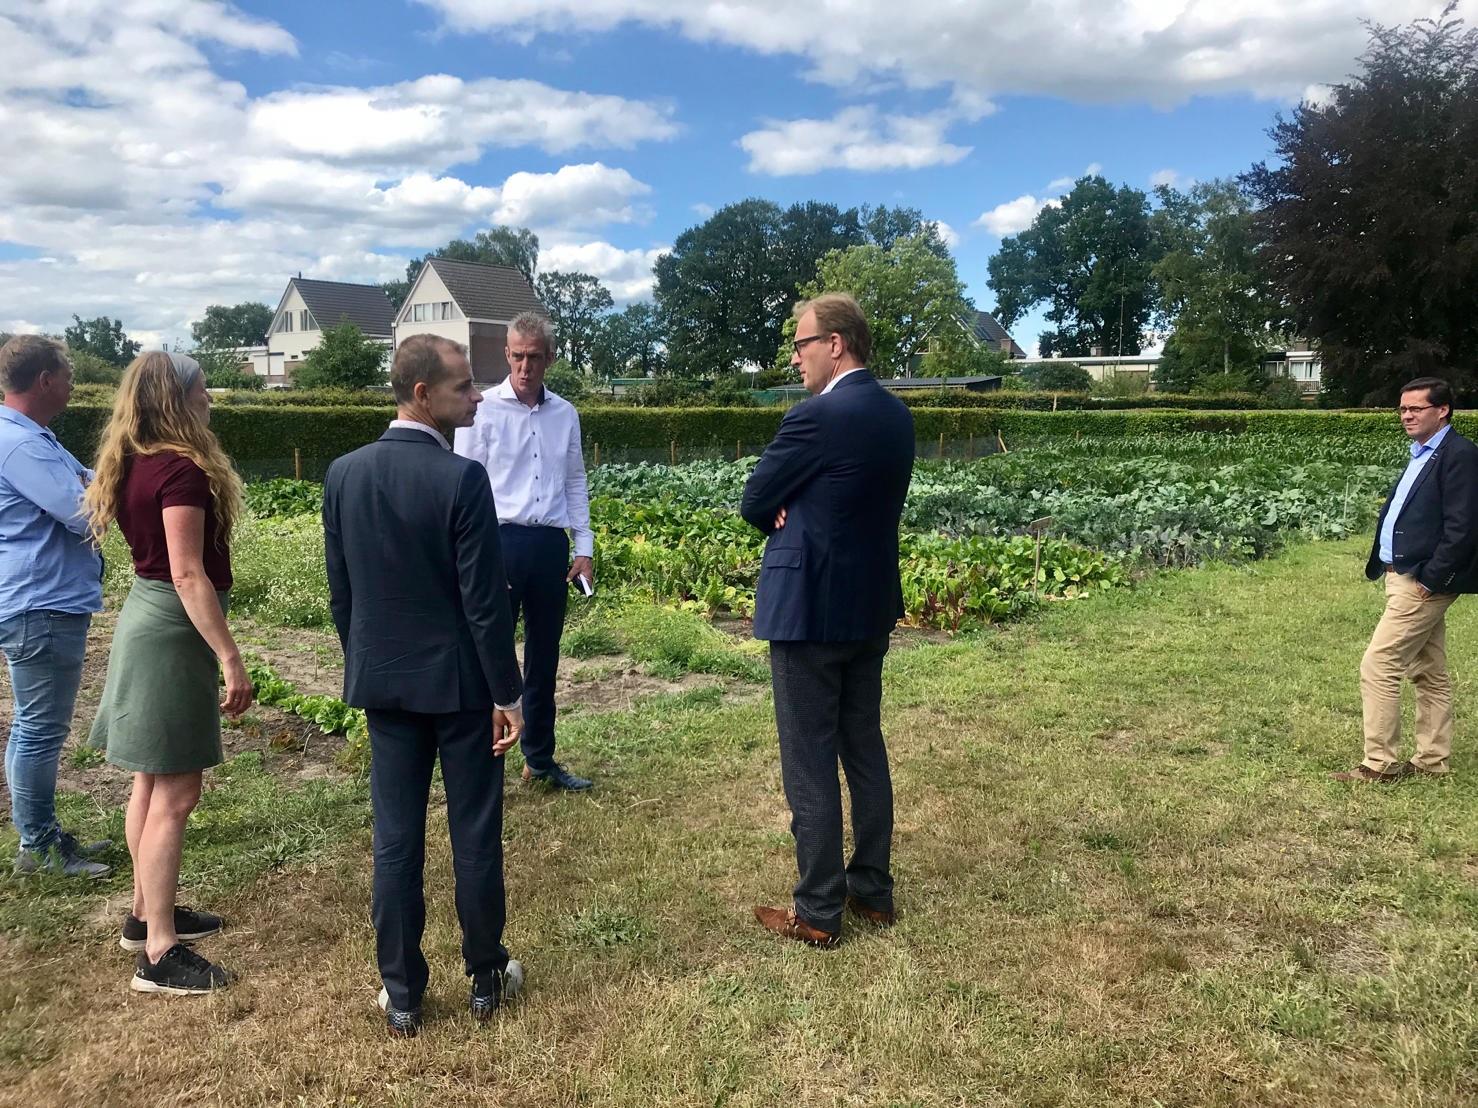 [nieuws] Burgemeester nieuwsgierig naar de Kruisberg gevangenis